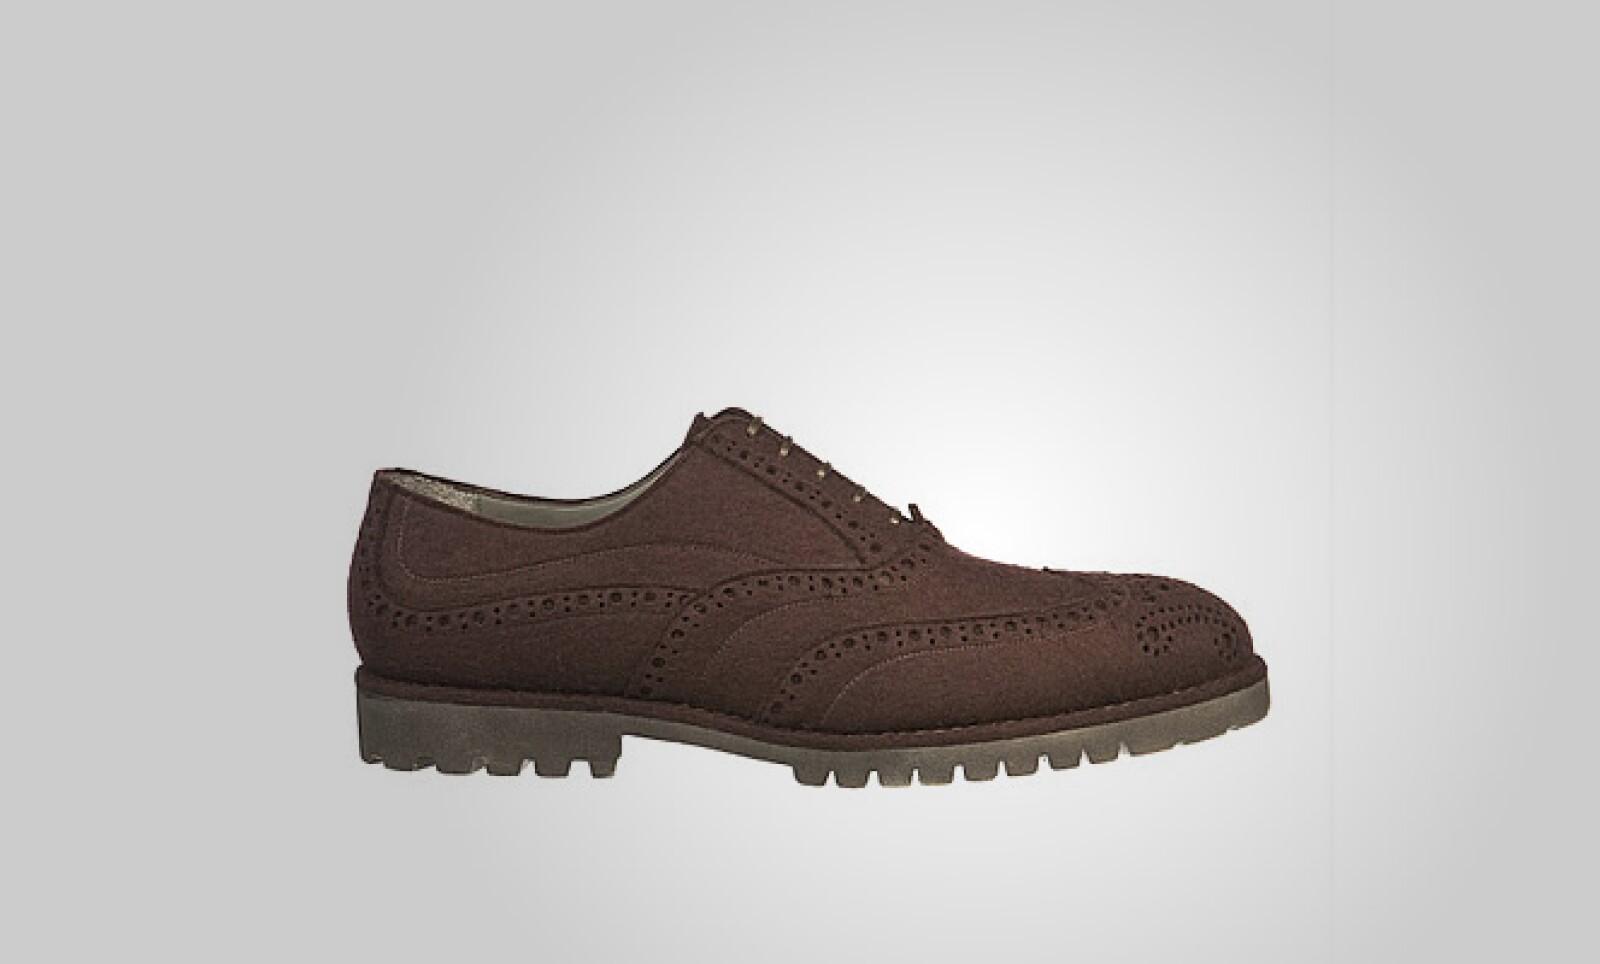 Una opción diferente y más clásica de calzado, en color café y suela de goma.